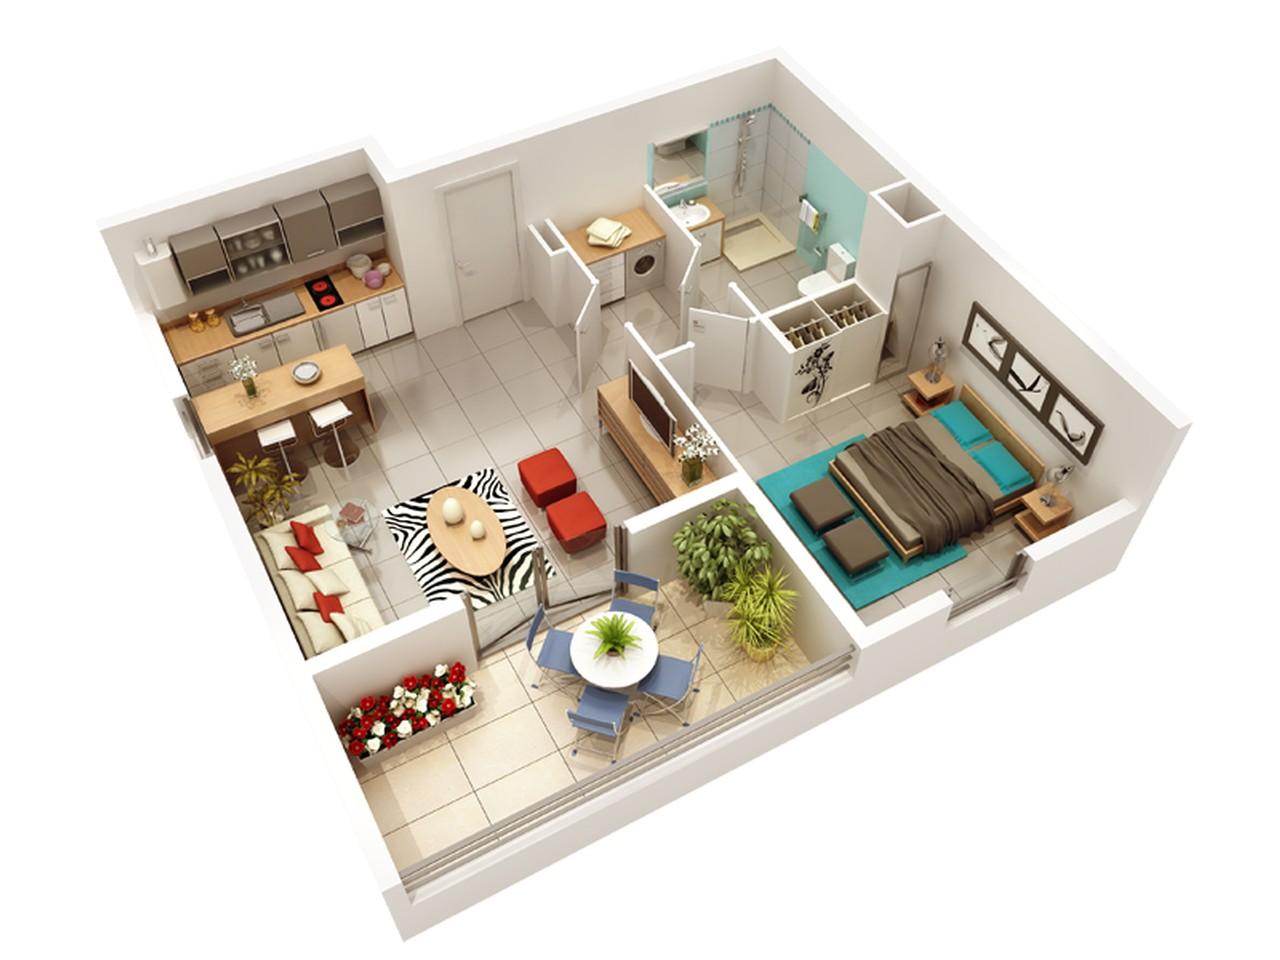 Programme immobilier neuf Montpellier : Ce que vous devez savoir avant d'acheter un logement ancien